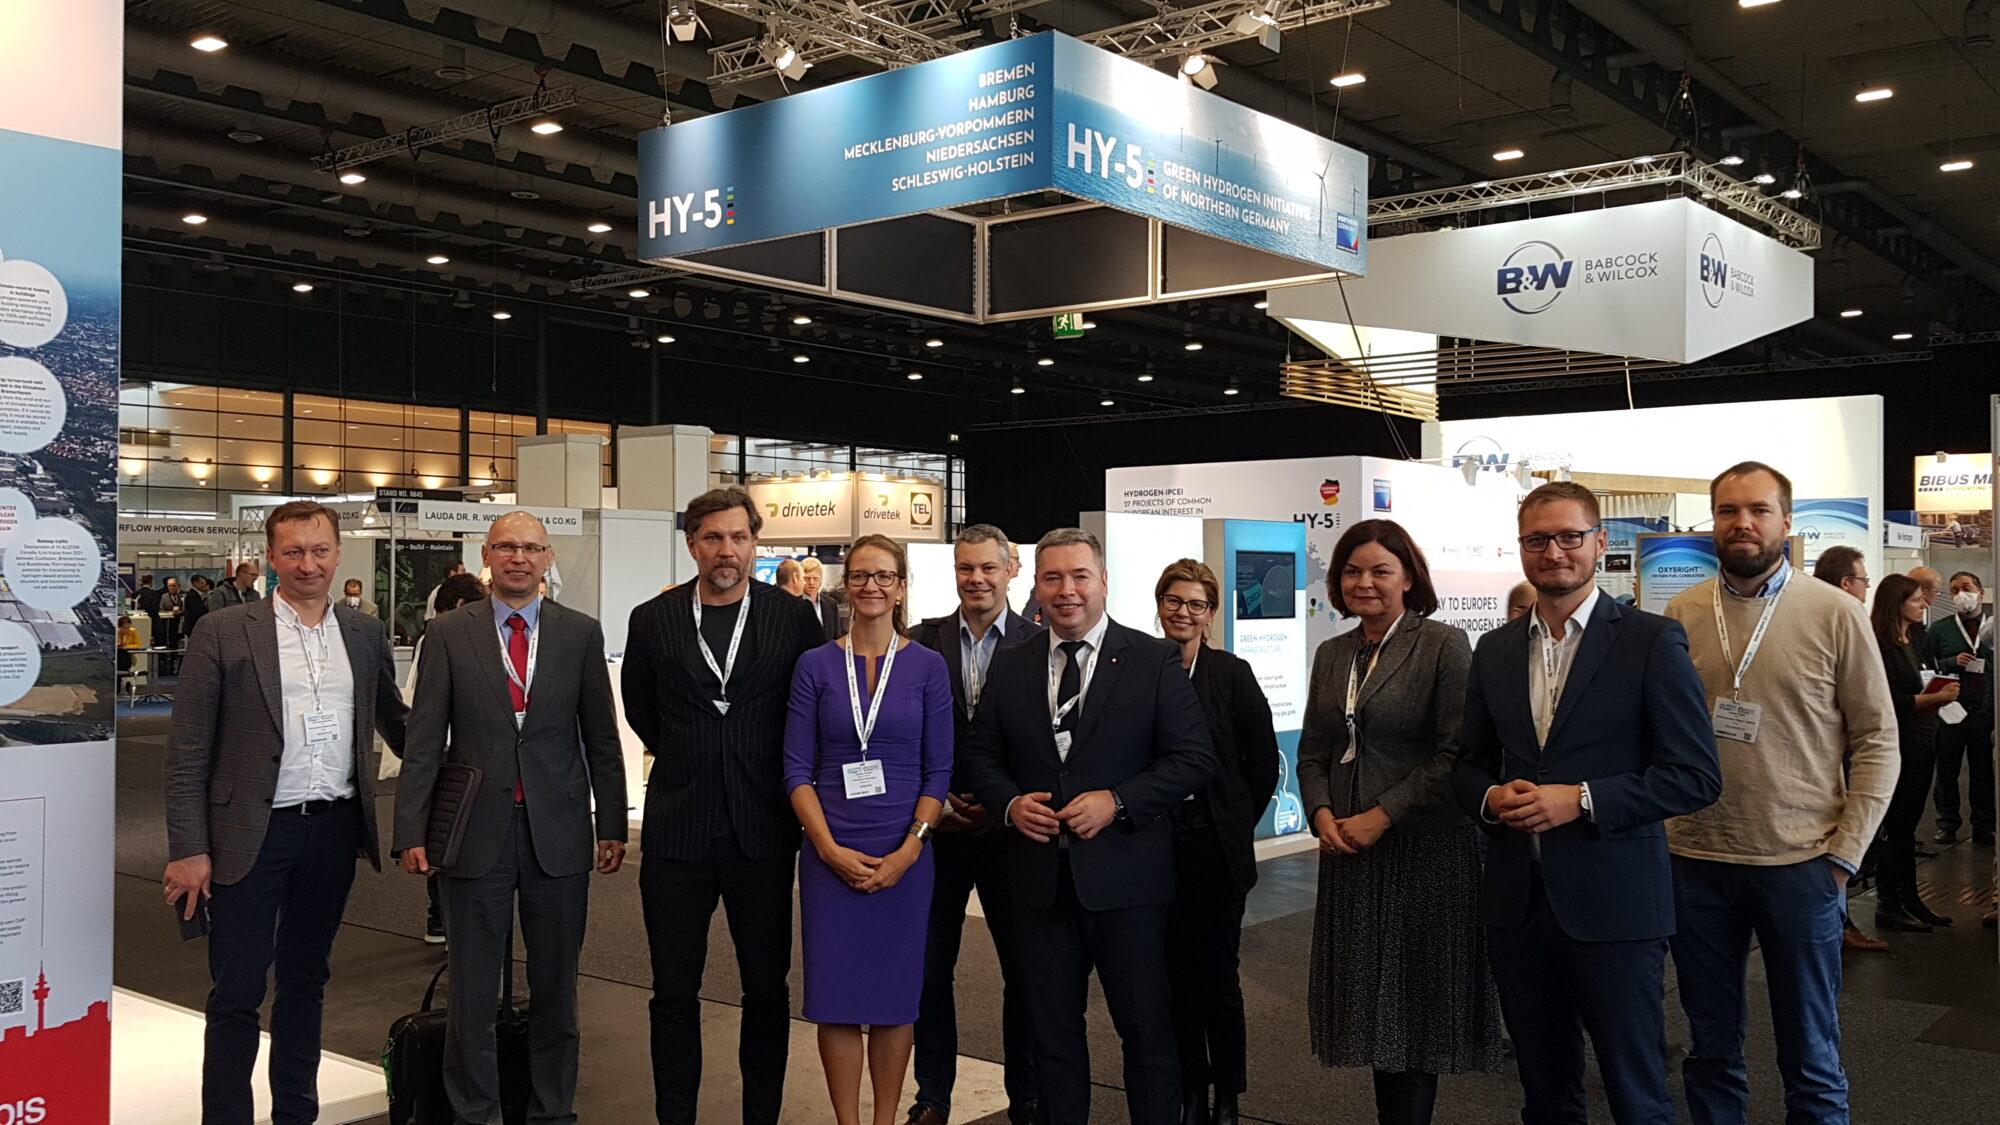 Spotkanie z Nienke Homan, Minister do spraw transformacji energetycznej Prowincji Groningen